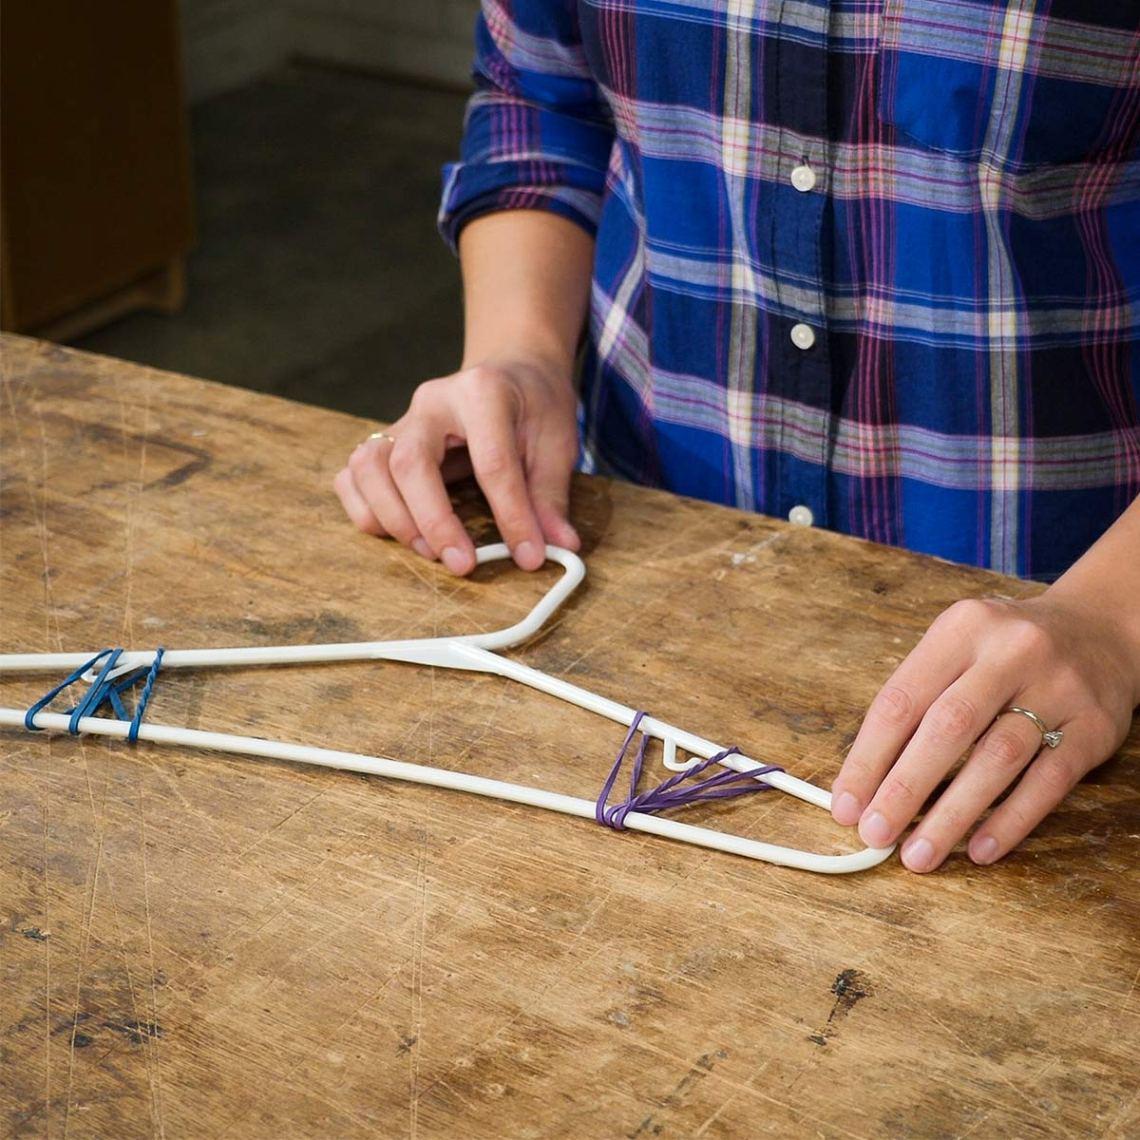 HH-rubber-band-hanger-3.jpg